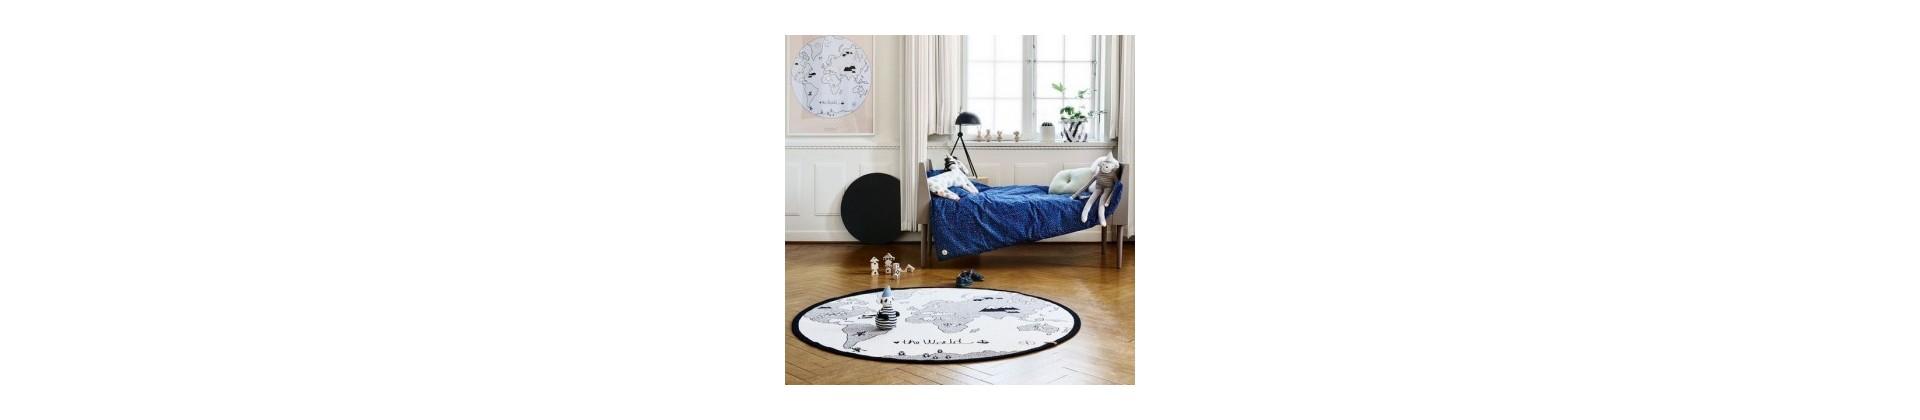 Mobilier chambre bébé et enfant - Décoration design et scandinave